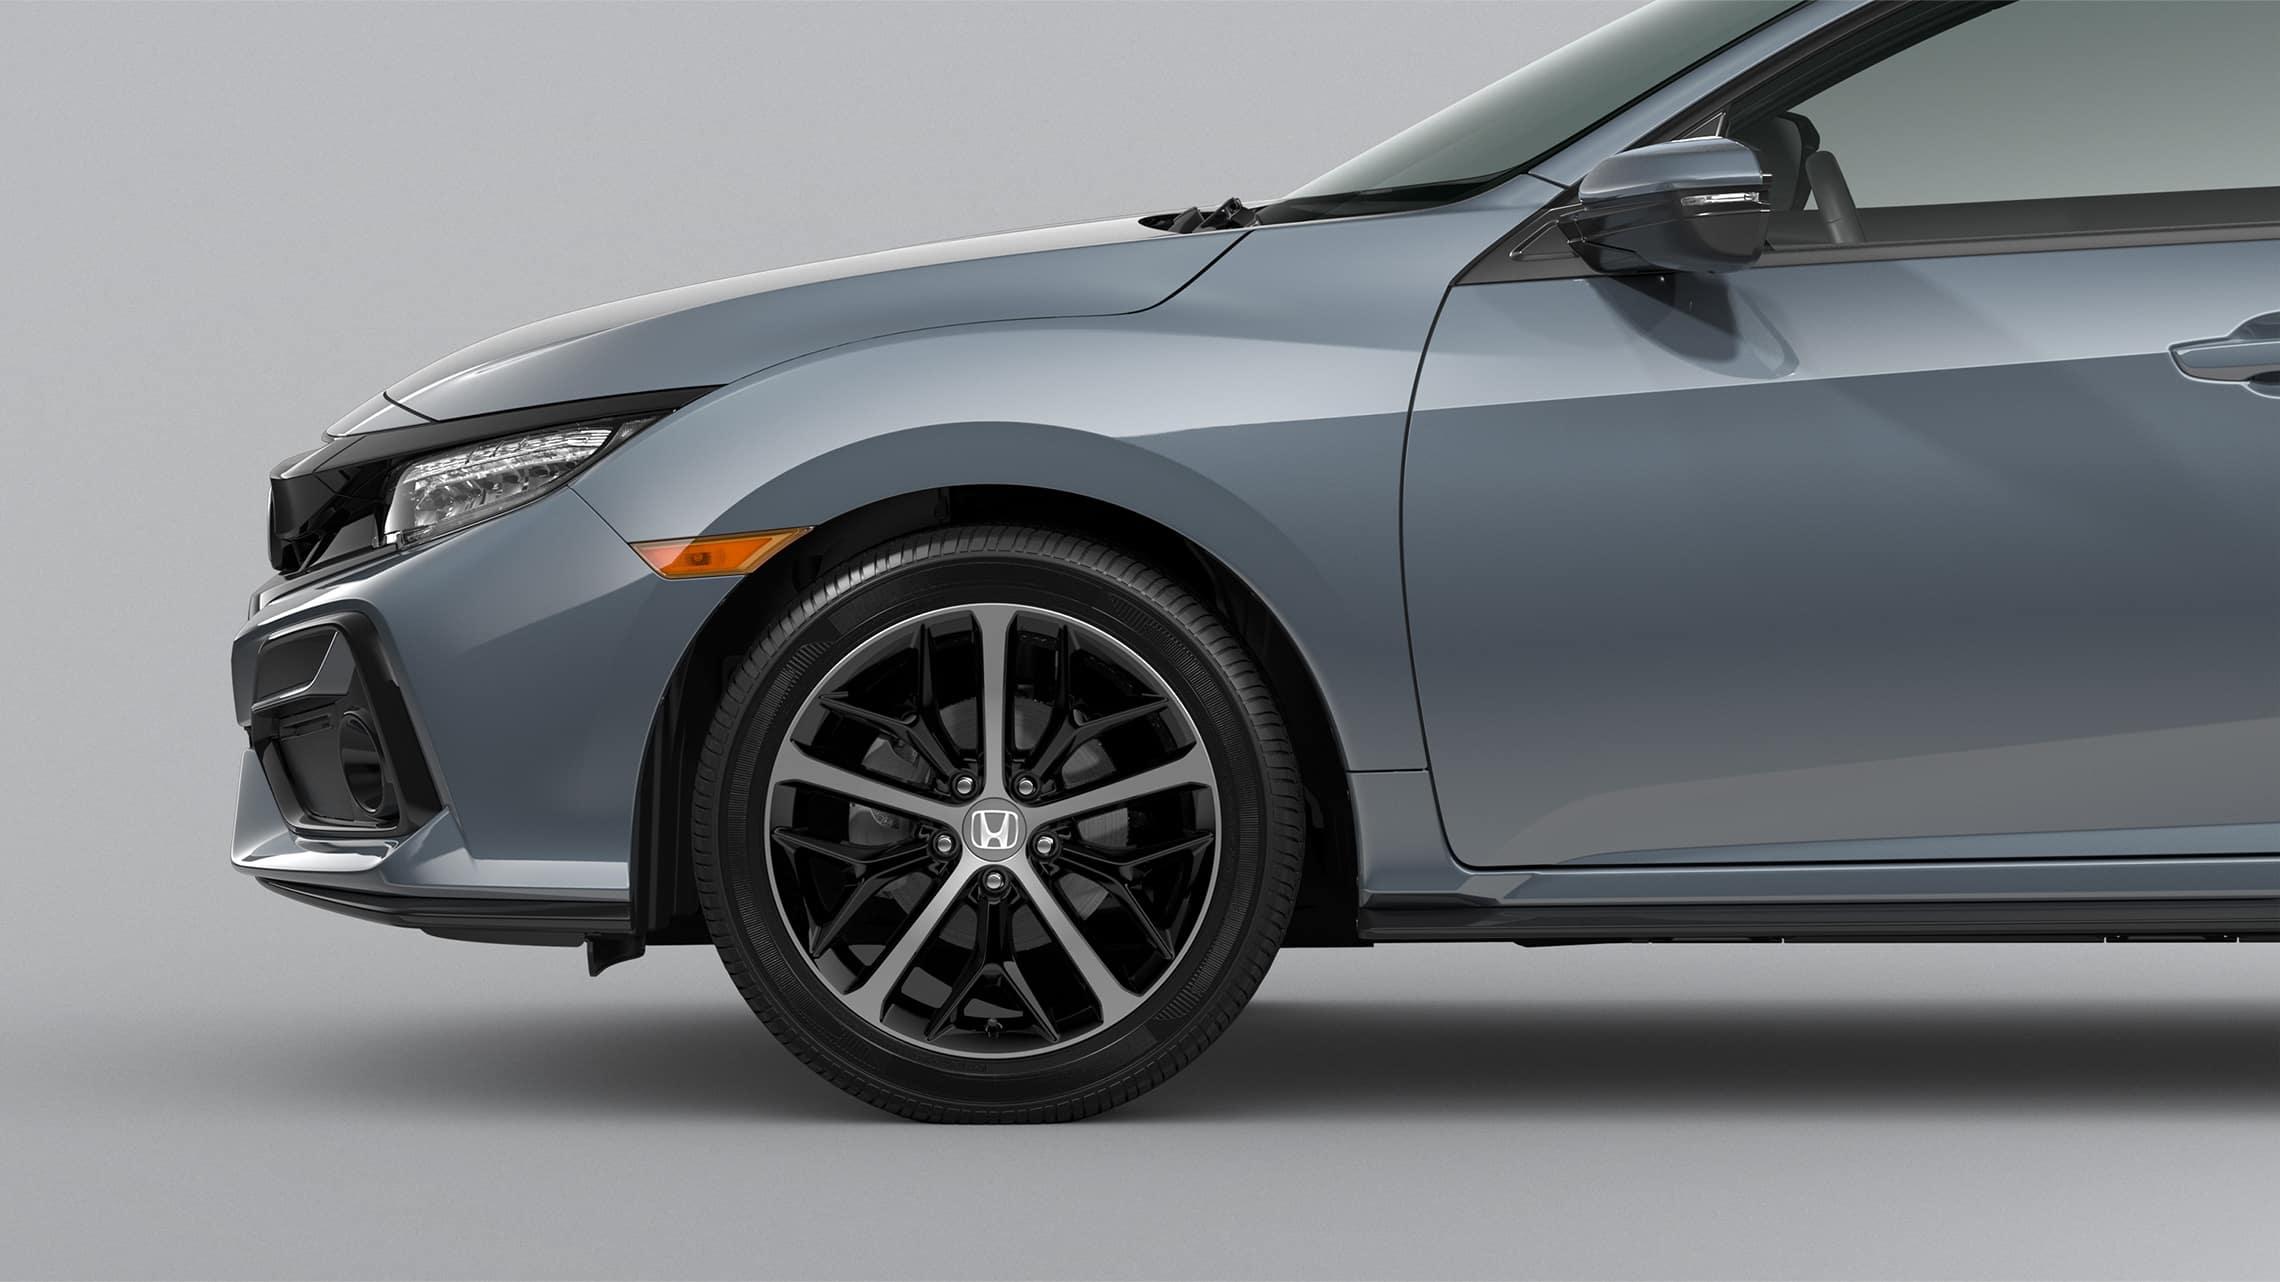 Detalle frontal de ruedas de aleación de 18pulgadas del lado del pasajero en el Honda Civic Sport Touring Hatchback2021 en Sonic Gray Pearl.